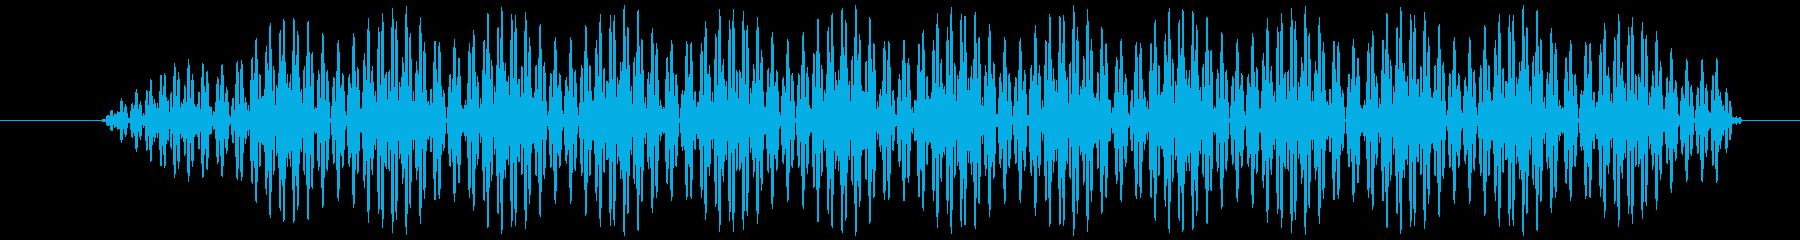 電子音 ビッの再生済みの波形